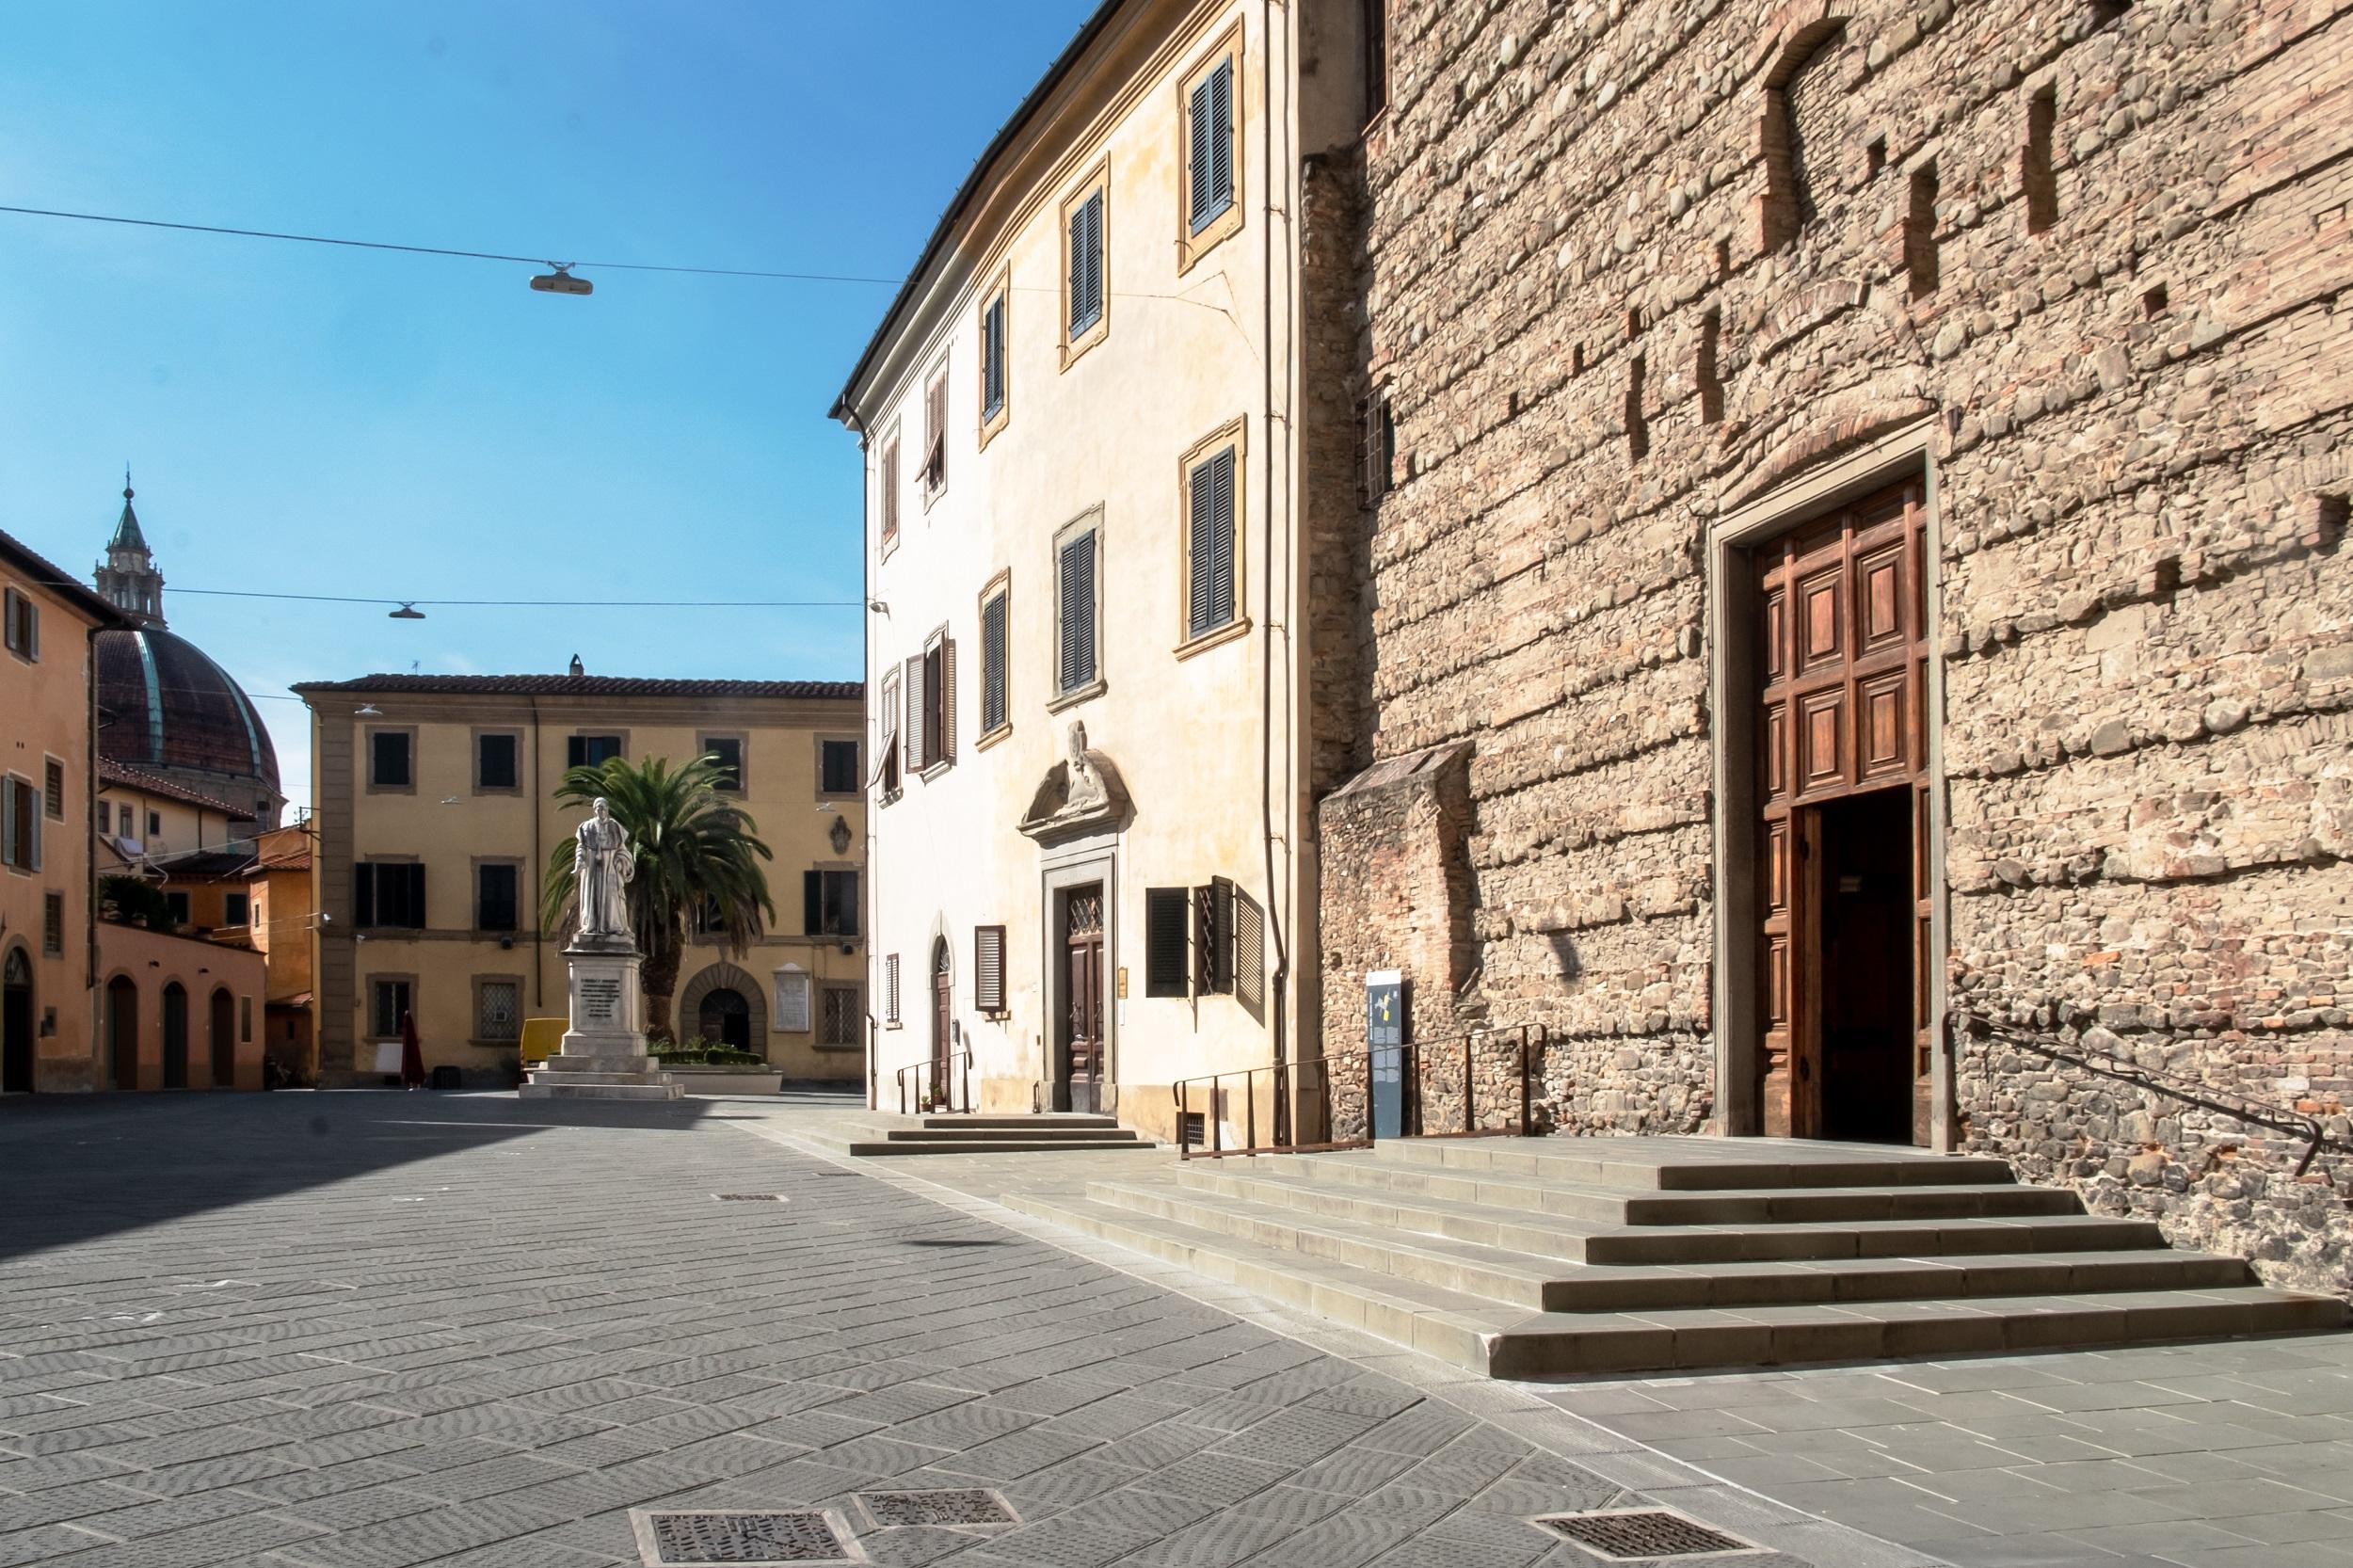 Chiesa di Sant'Ignazio di Loyola (Spirito Santo)